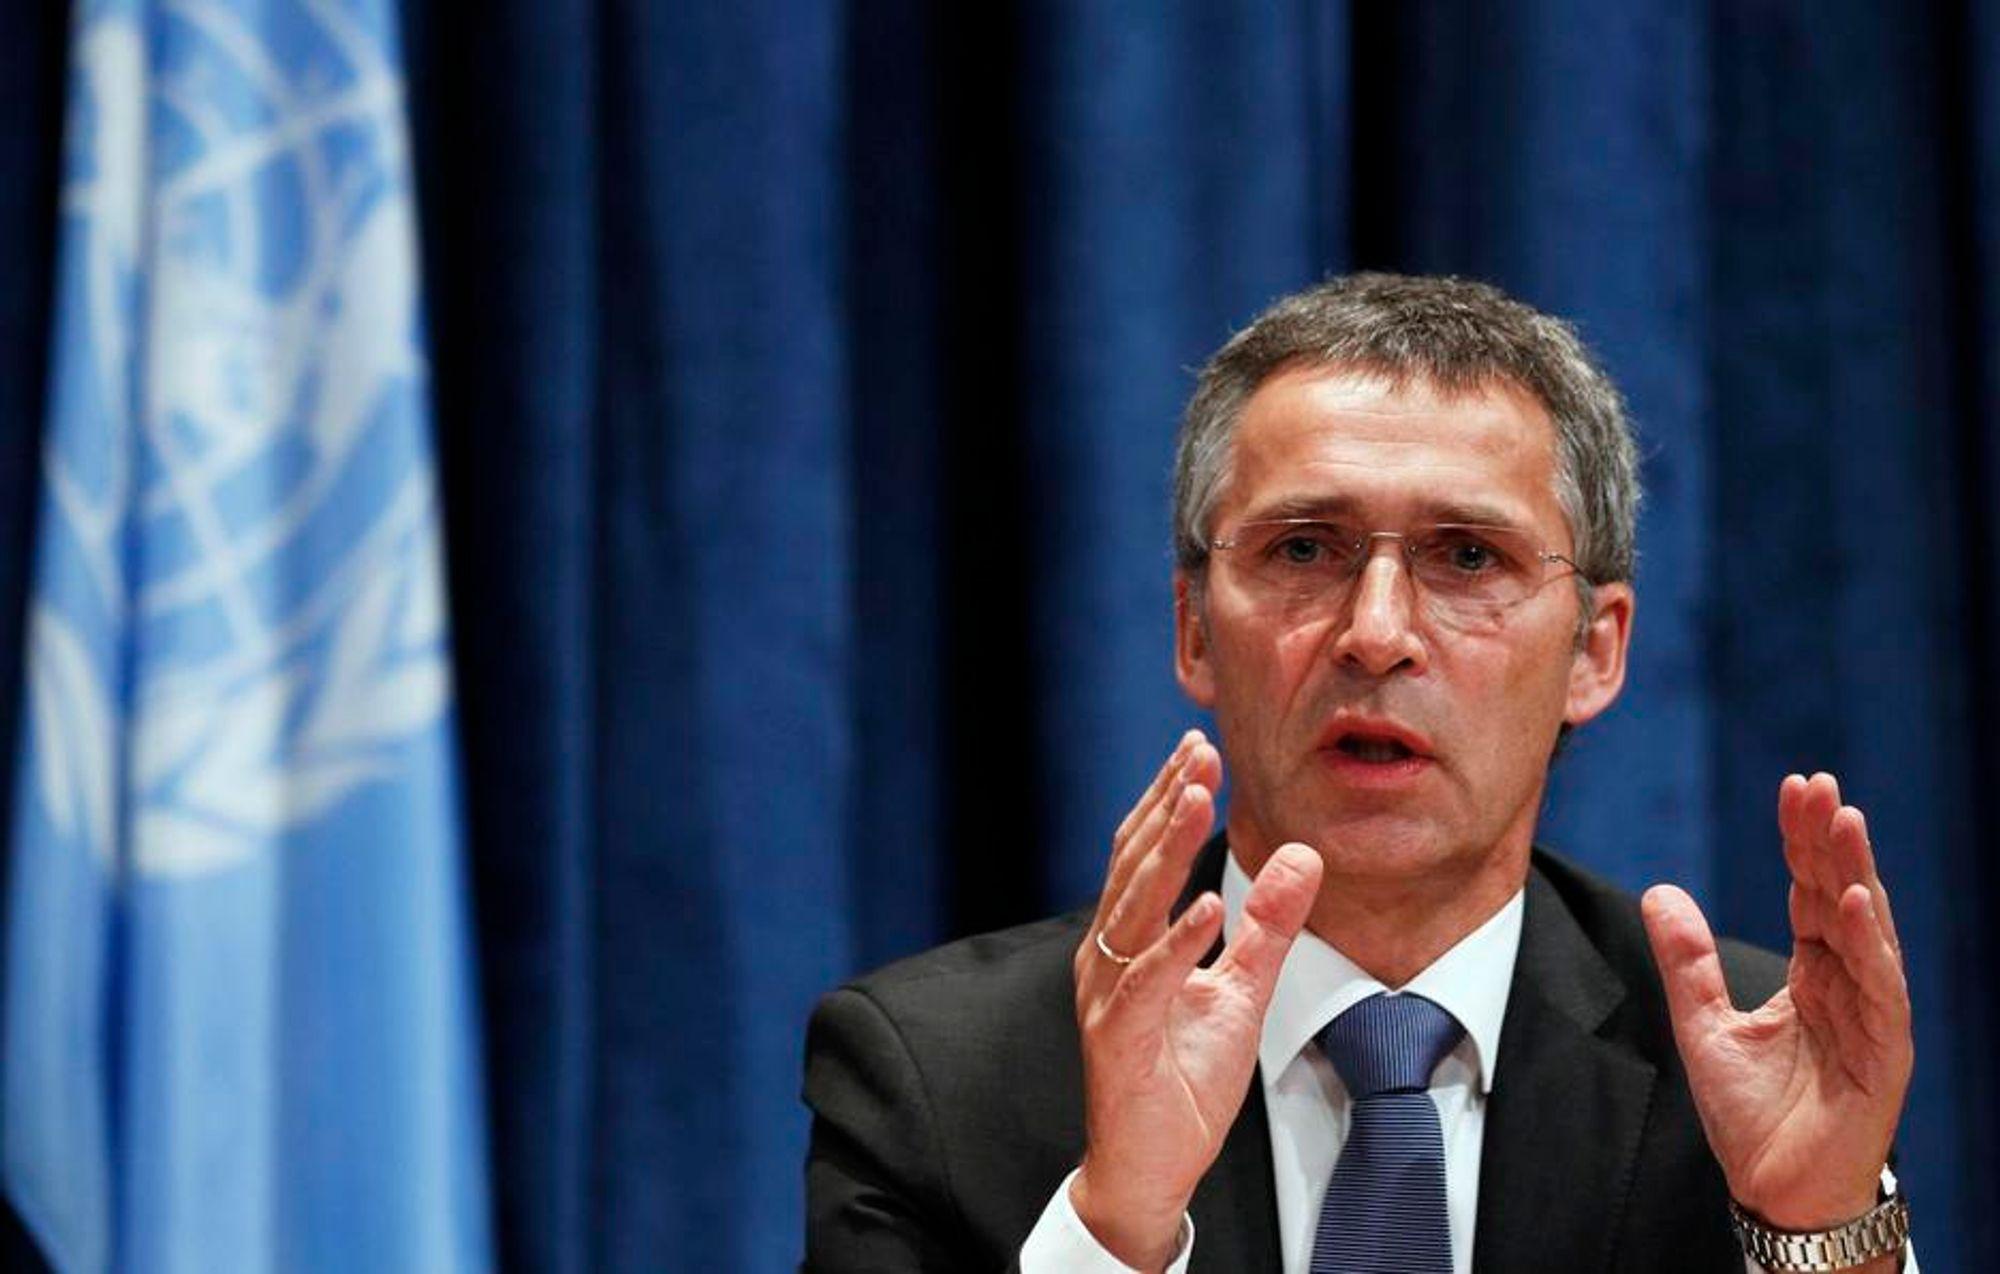 Statsminister Jens Stoltenberg i  New York fredag. Tiltak mot CO2-utslipp fra luft- og skipsfart var blant klimarådene Jens Stoltenberg ga verdensorganisasjonen.